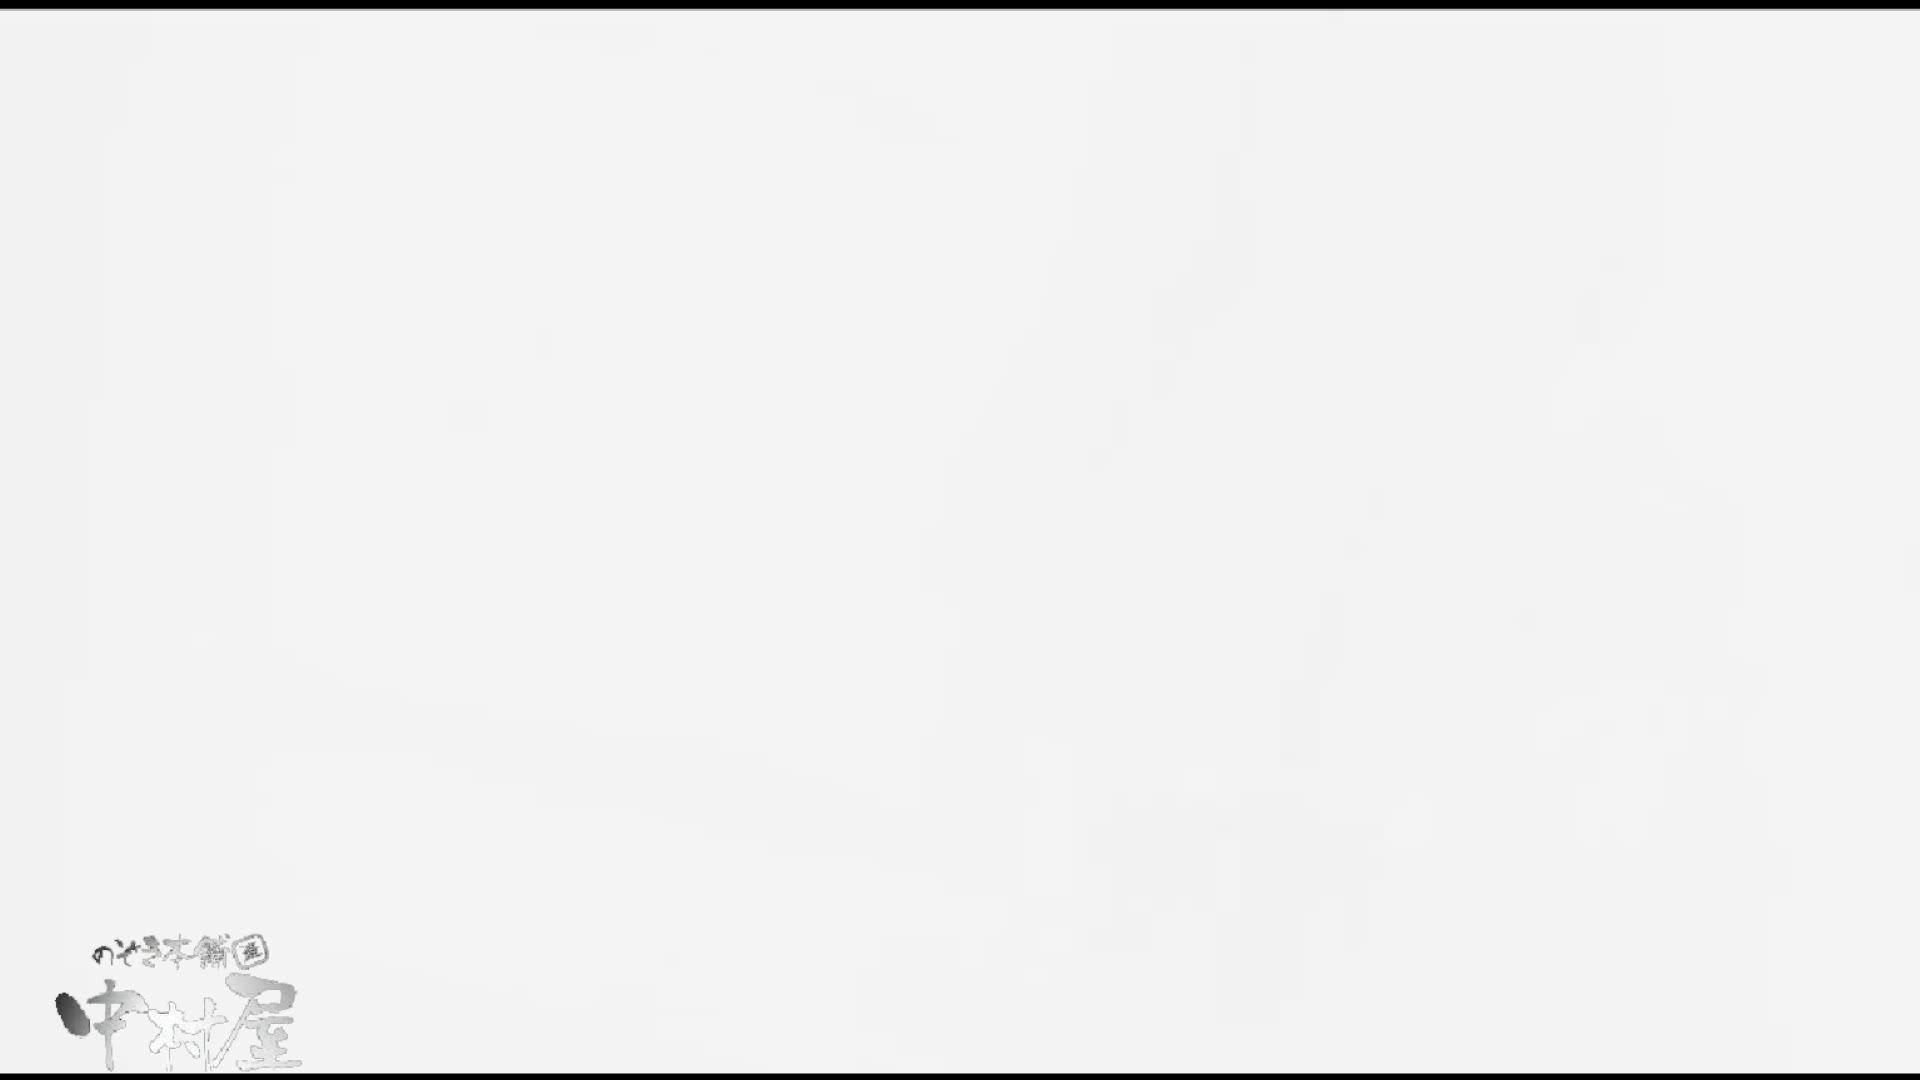 飛び出す黄金水!!!アトレ潜入 かわや盗撮 vol.02 盗撮 オマンコ無修正動画無料 45連発 3